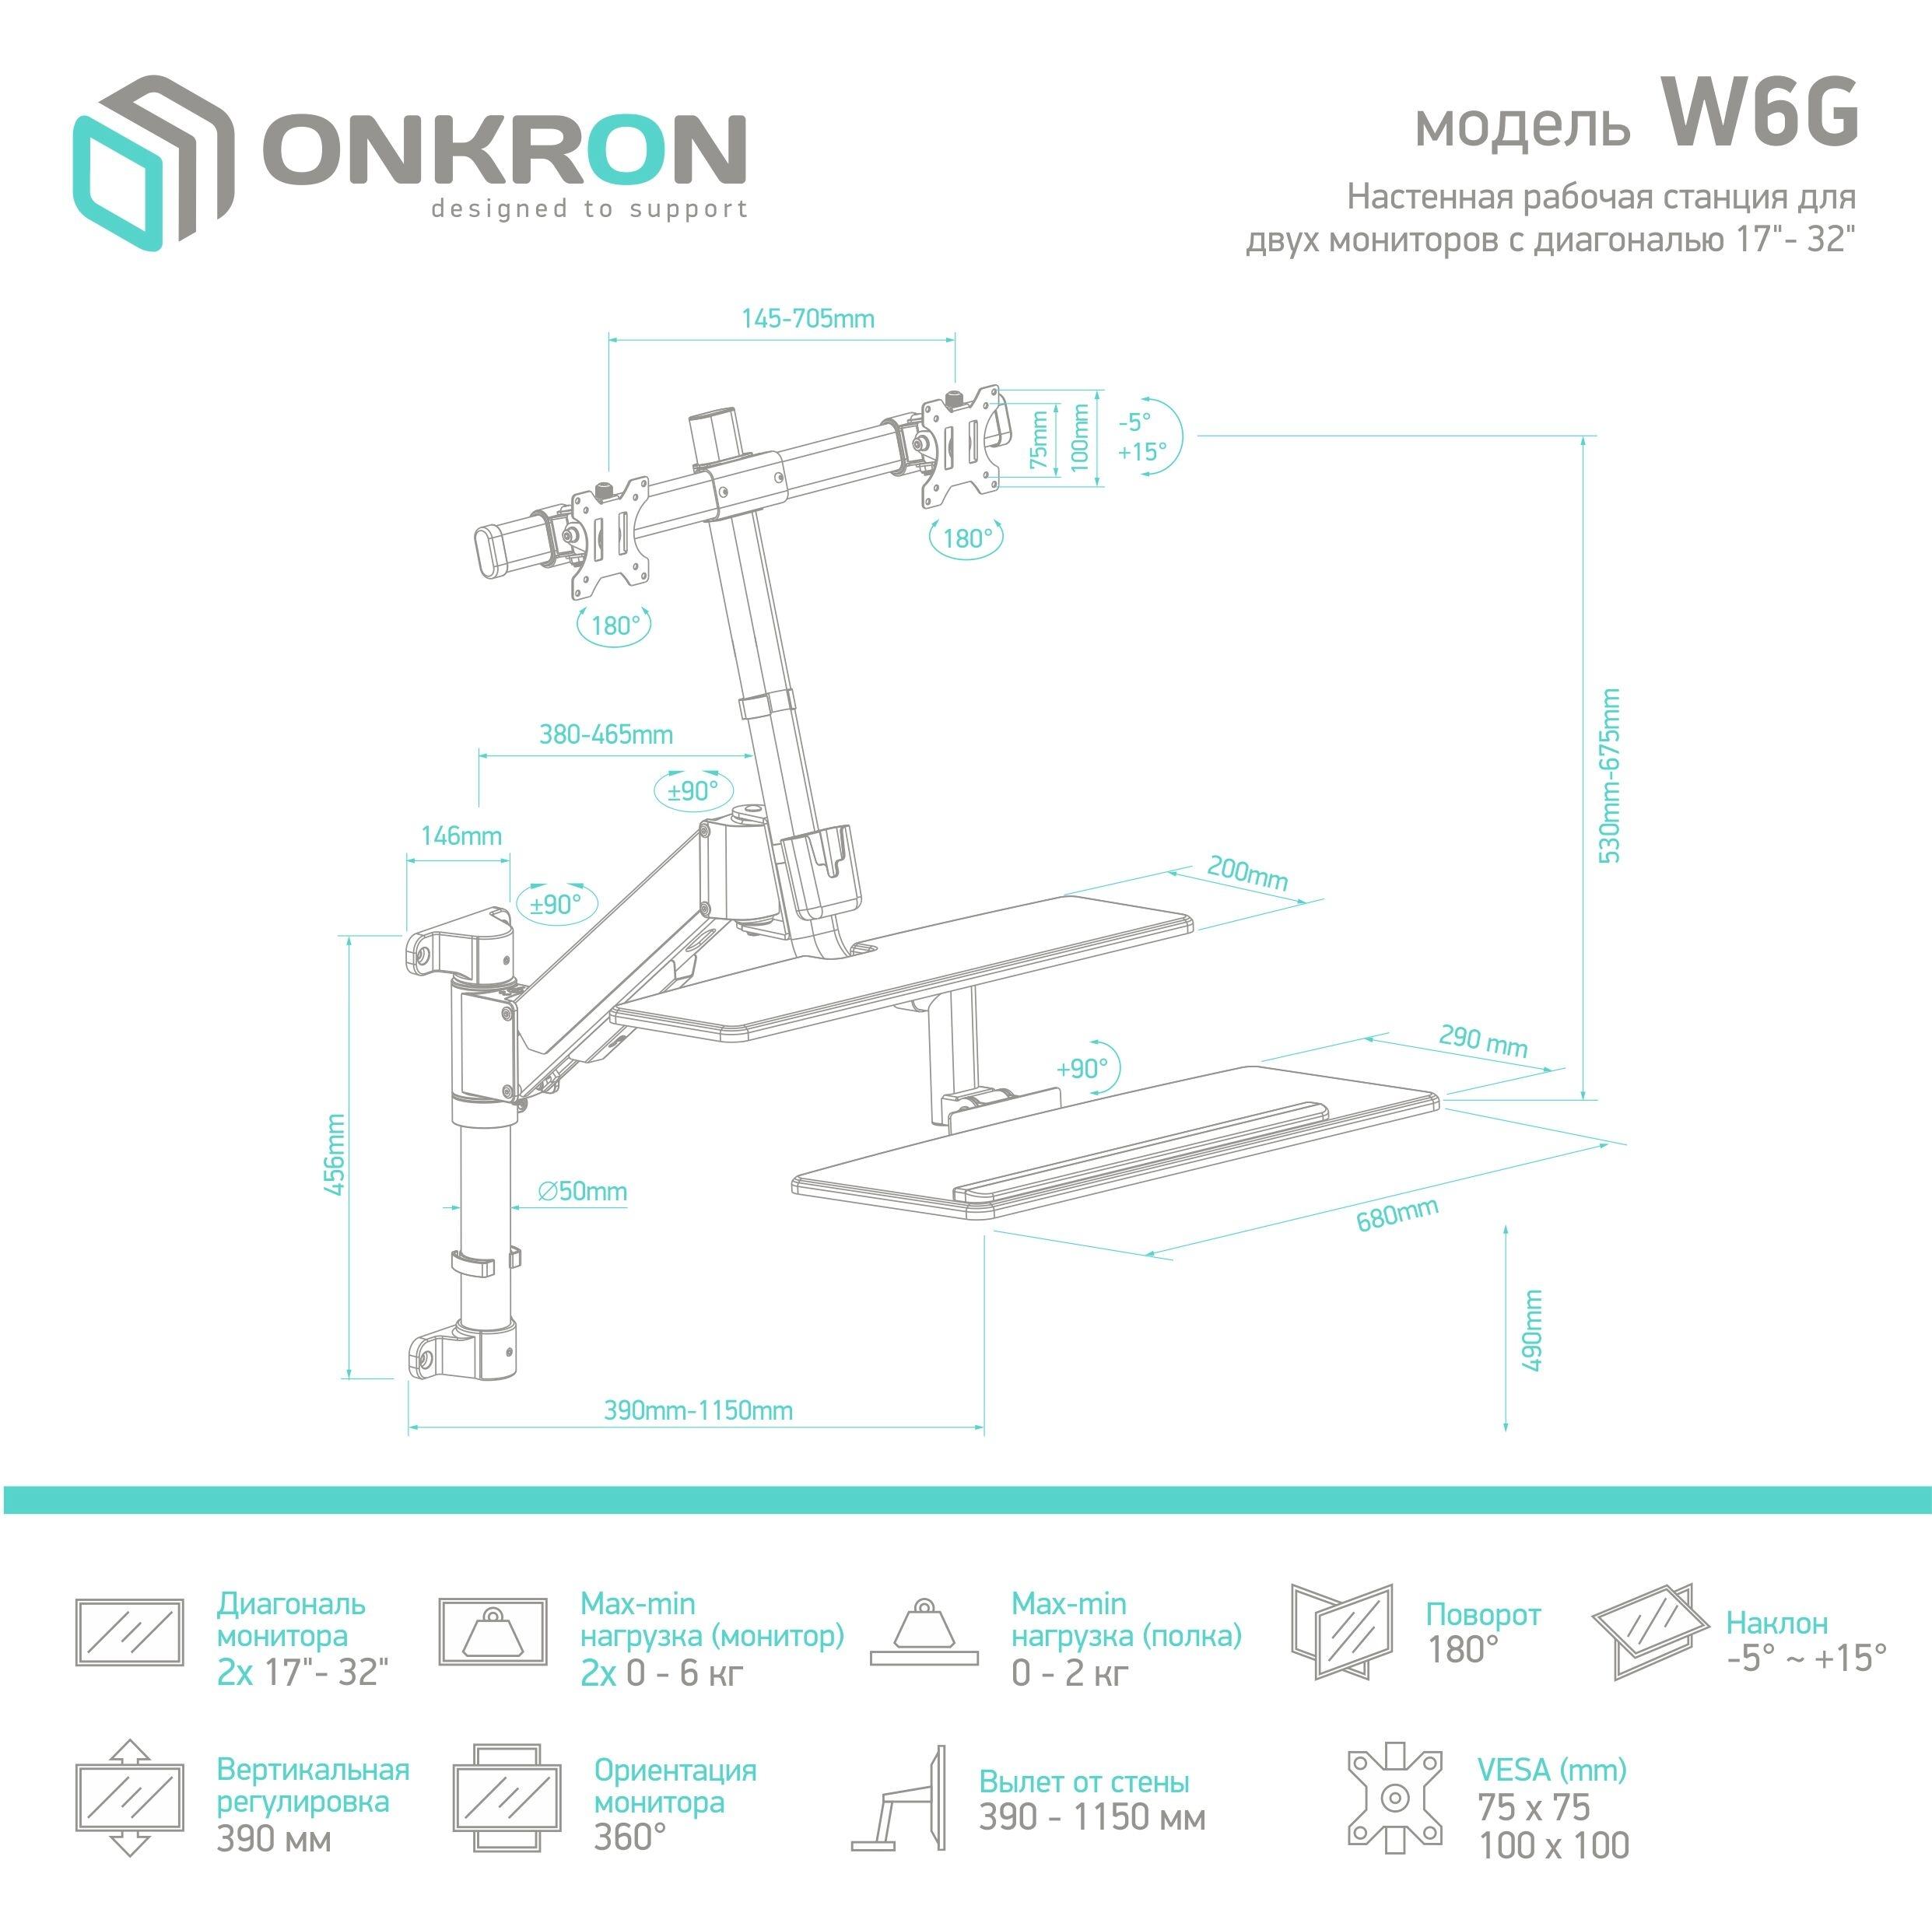 TVHolder - Настенная рабочая станция для двух мониторов ONKRON  W6G